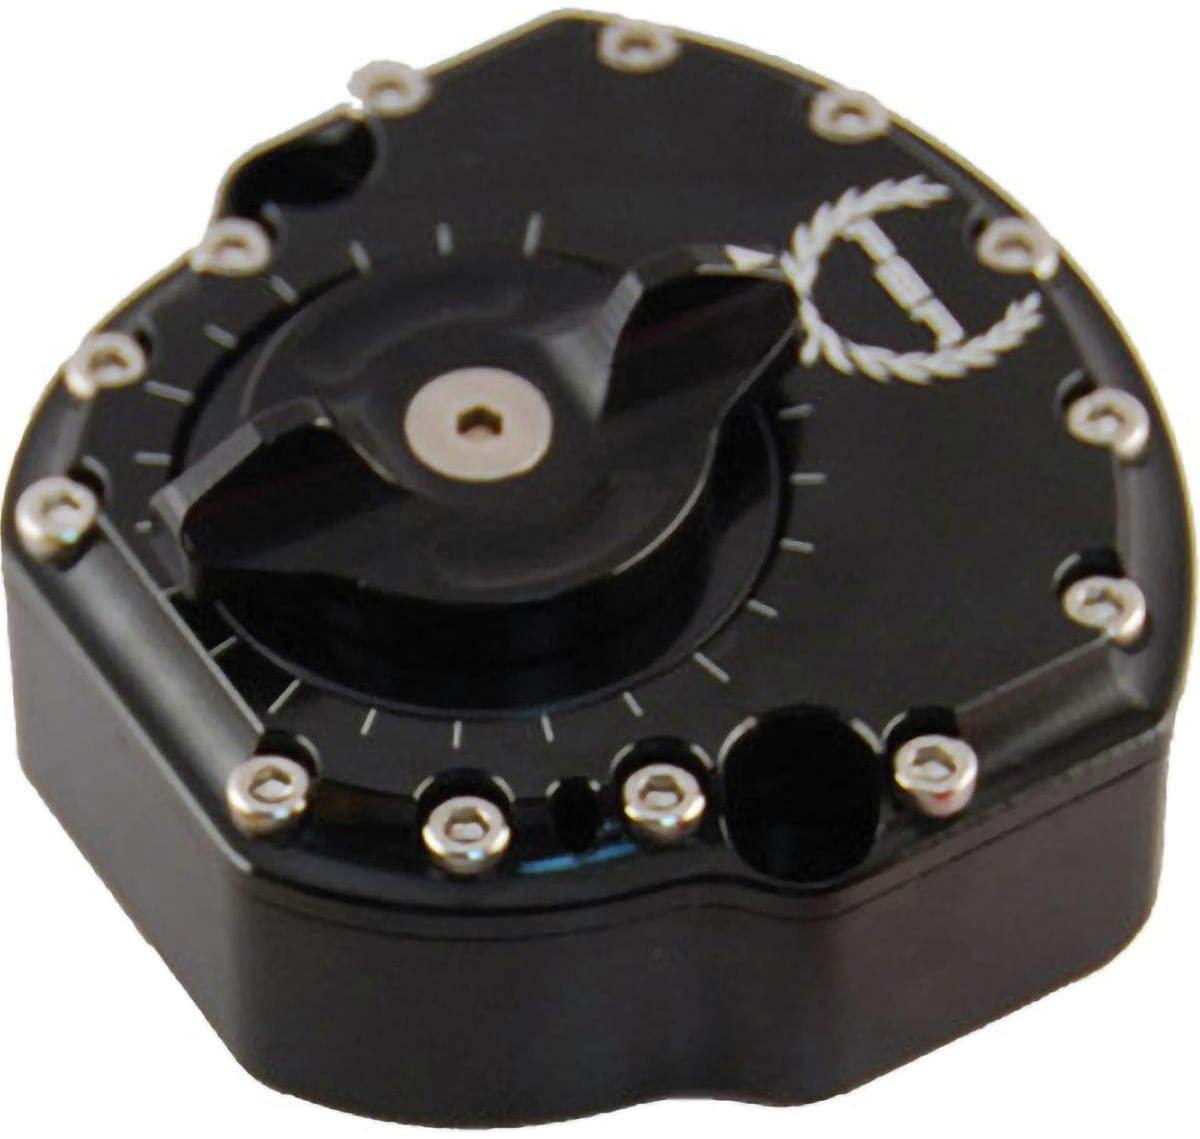 PSR Steering Damper (Black) for 15-16 BMW S1000RR